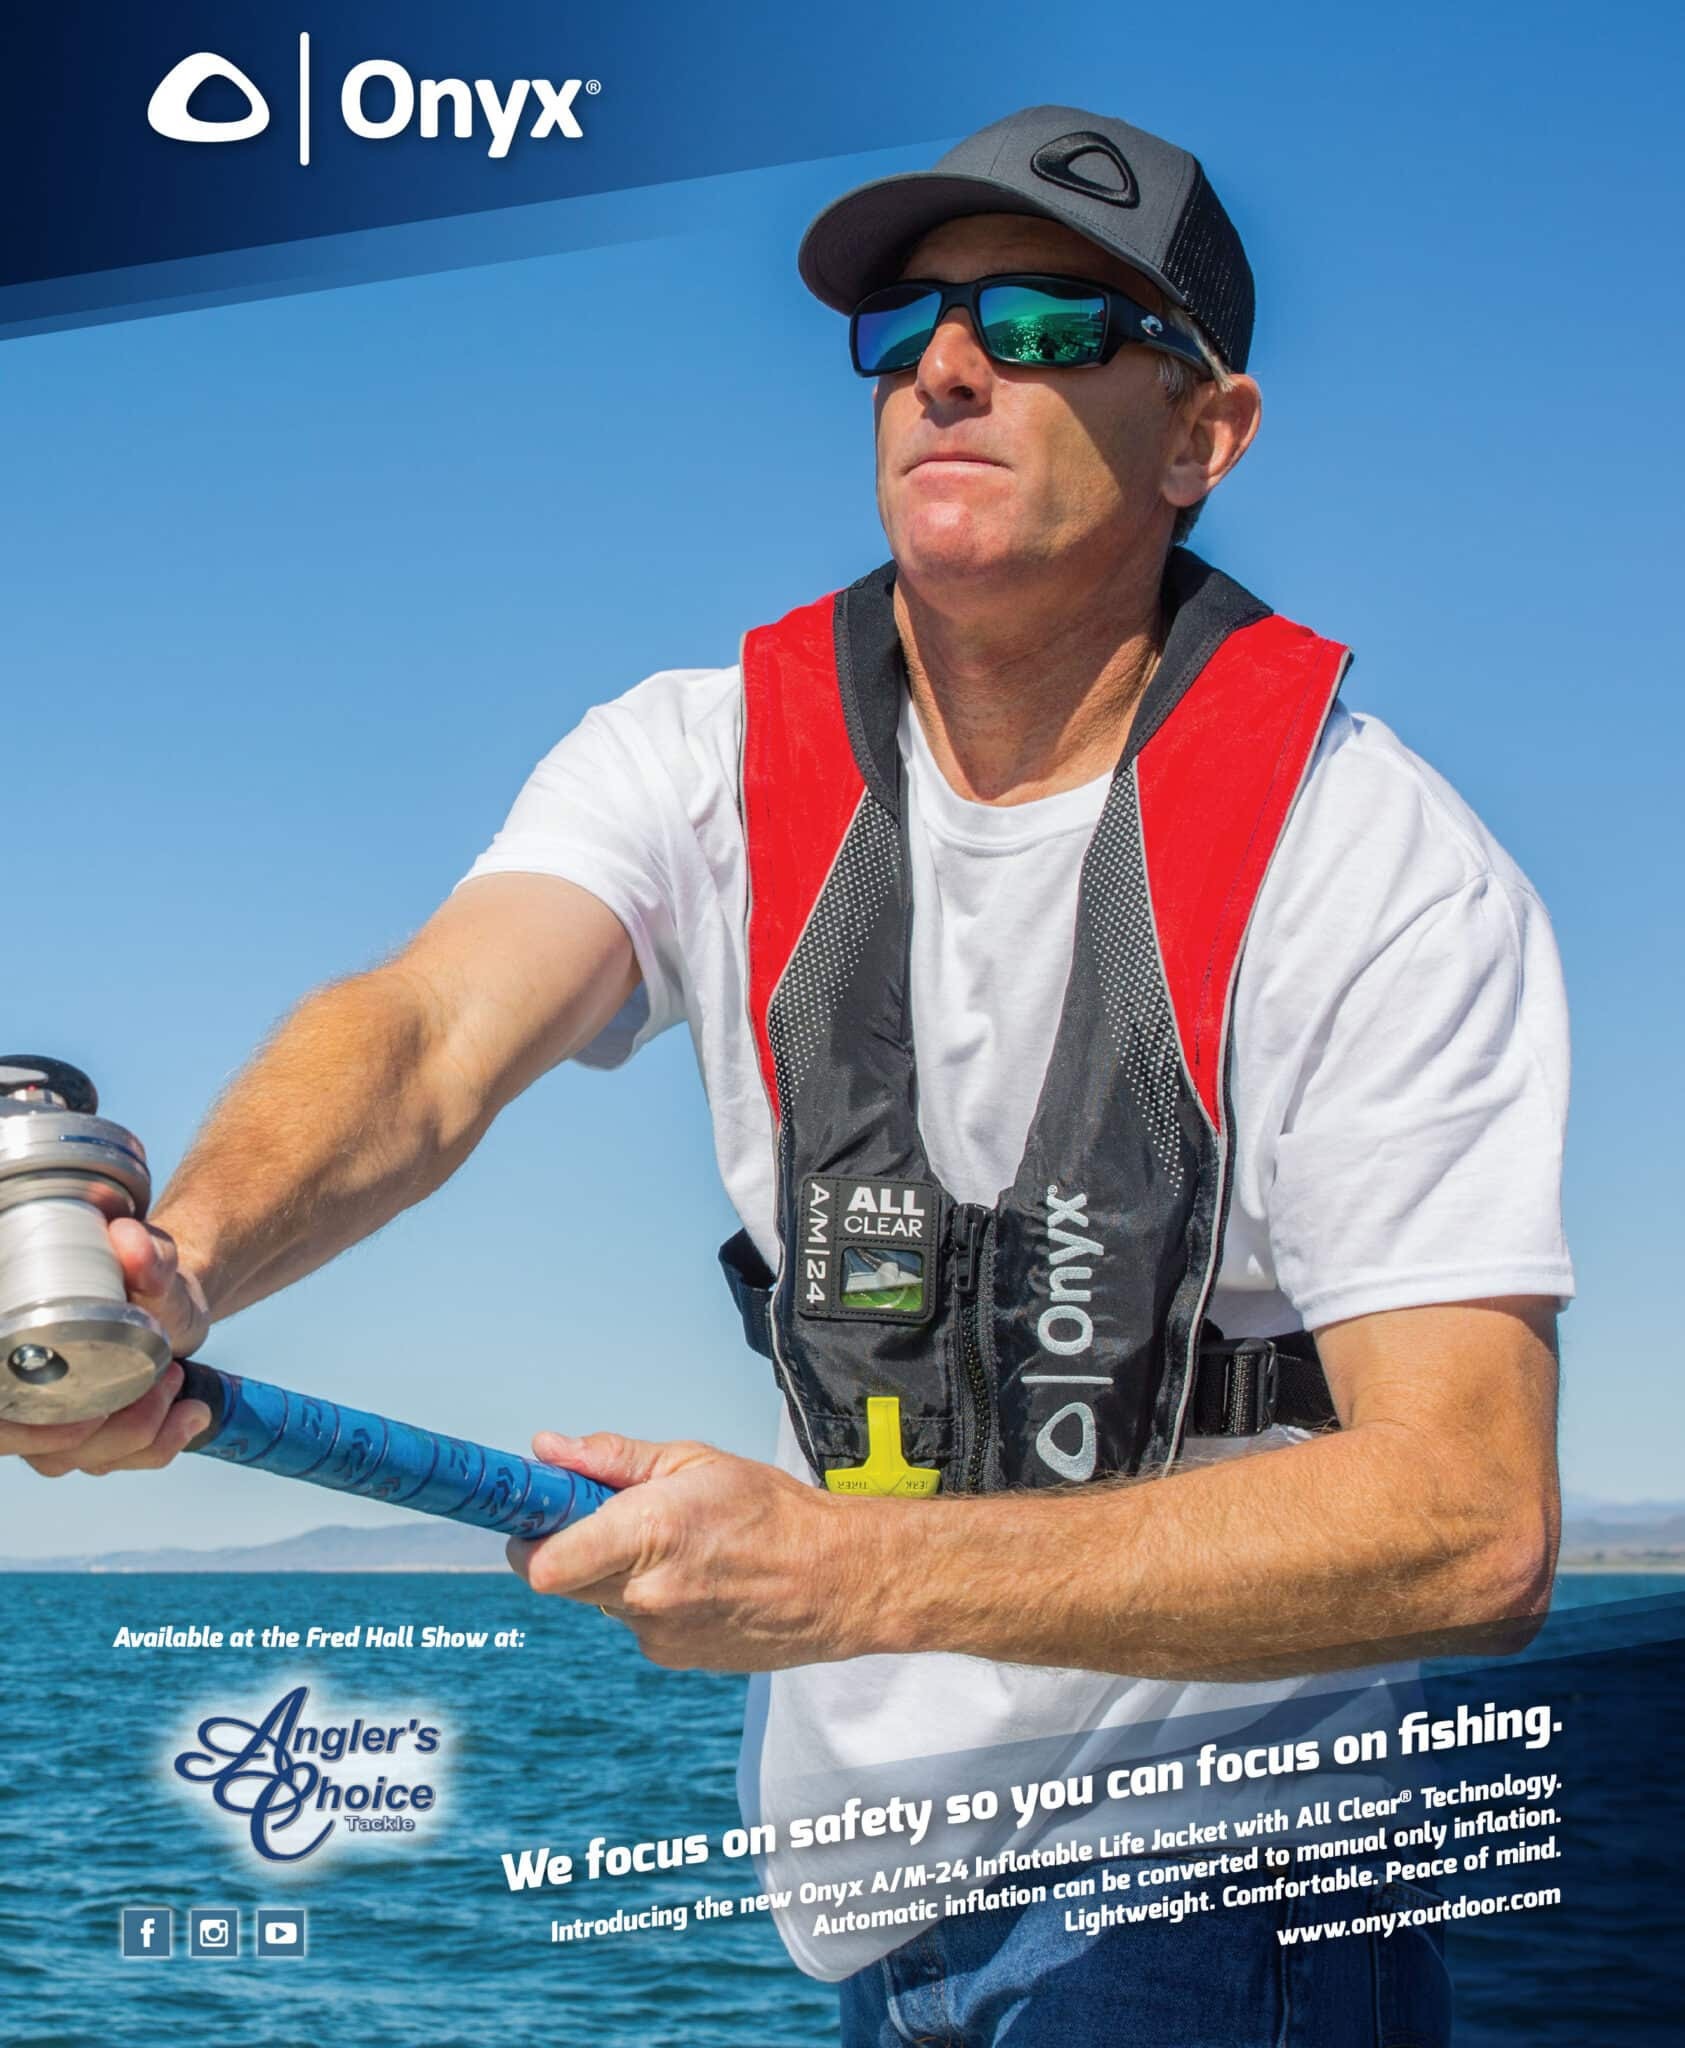 Onyx boat safety